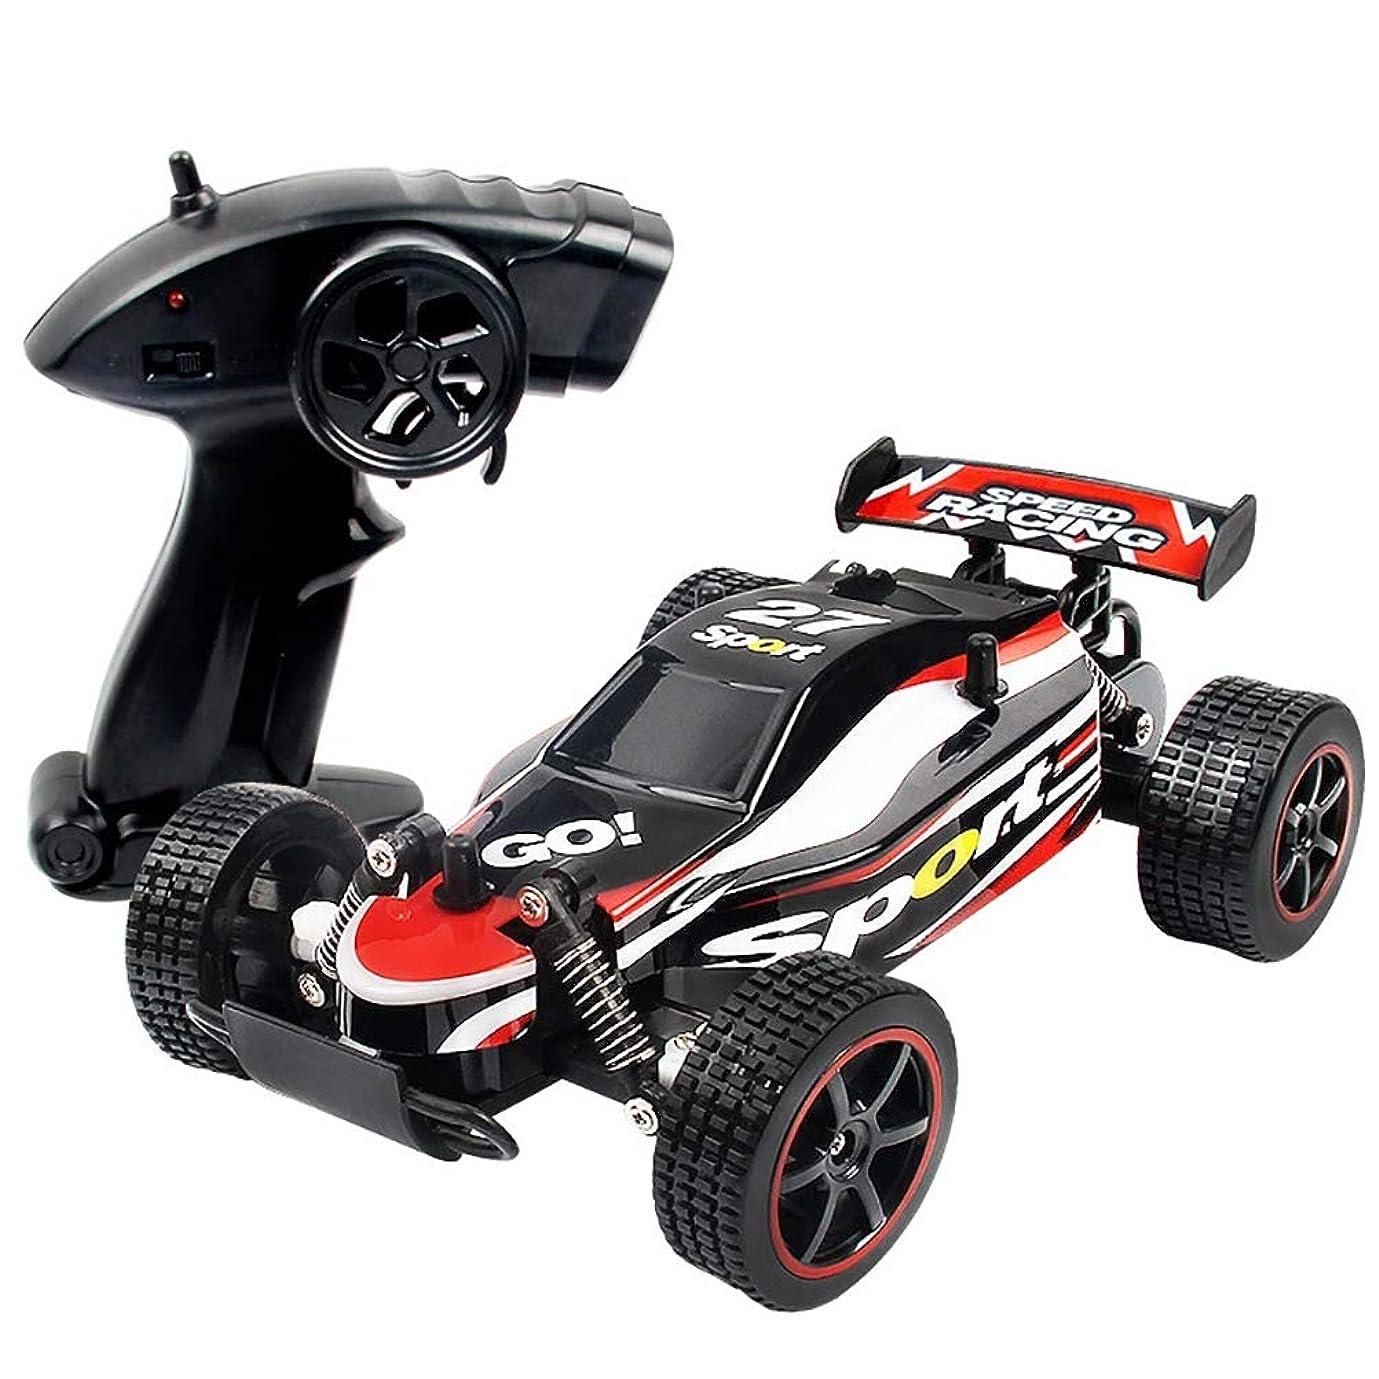 シェア甘美なテンポSurenhap ラジコンカー RCおもちゃ1/20 2.4Ghz 無線電動 オフロード 運動レーシングカー 競技可能 15Km/h高速リモコンカー 二輪駆動 防振性抜群 充電式電池付き ミニRCカー 子どもおもちゃ (レッド)